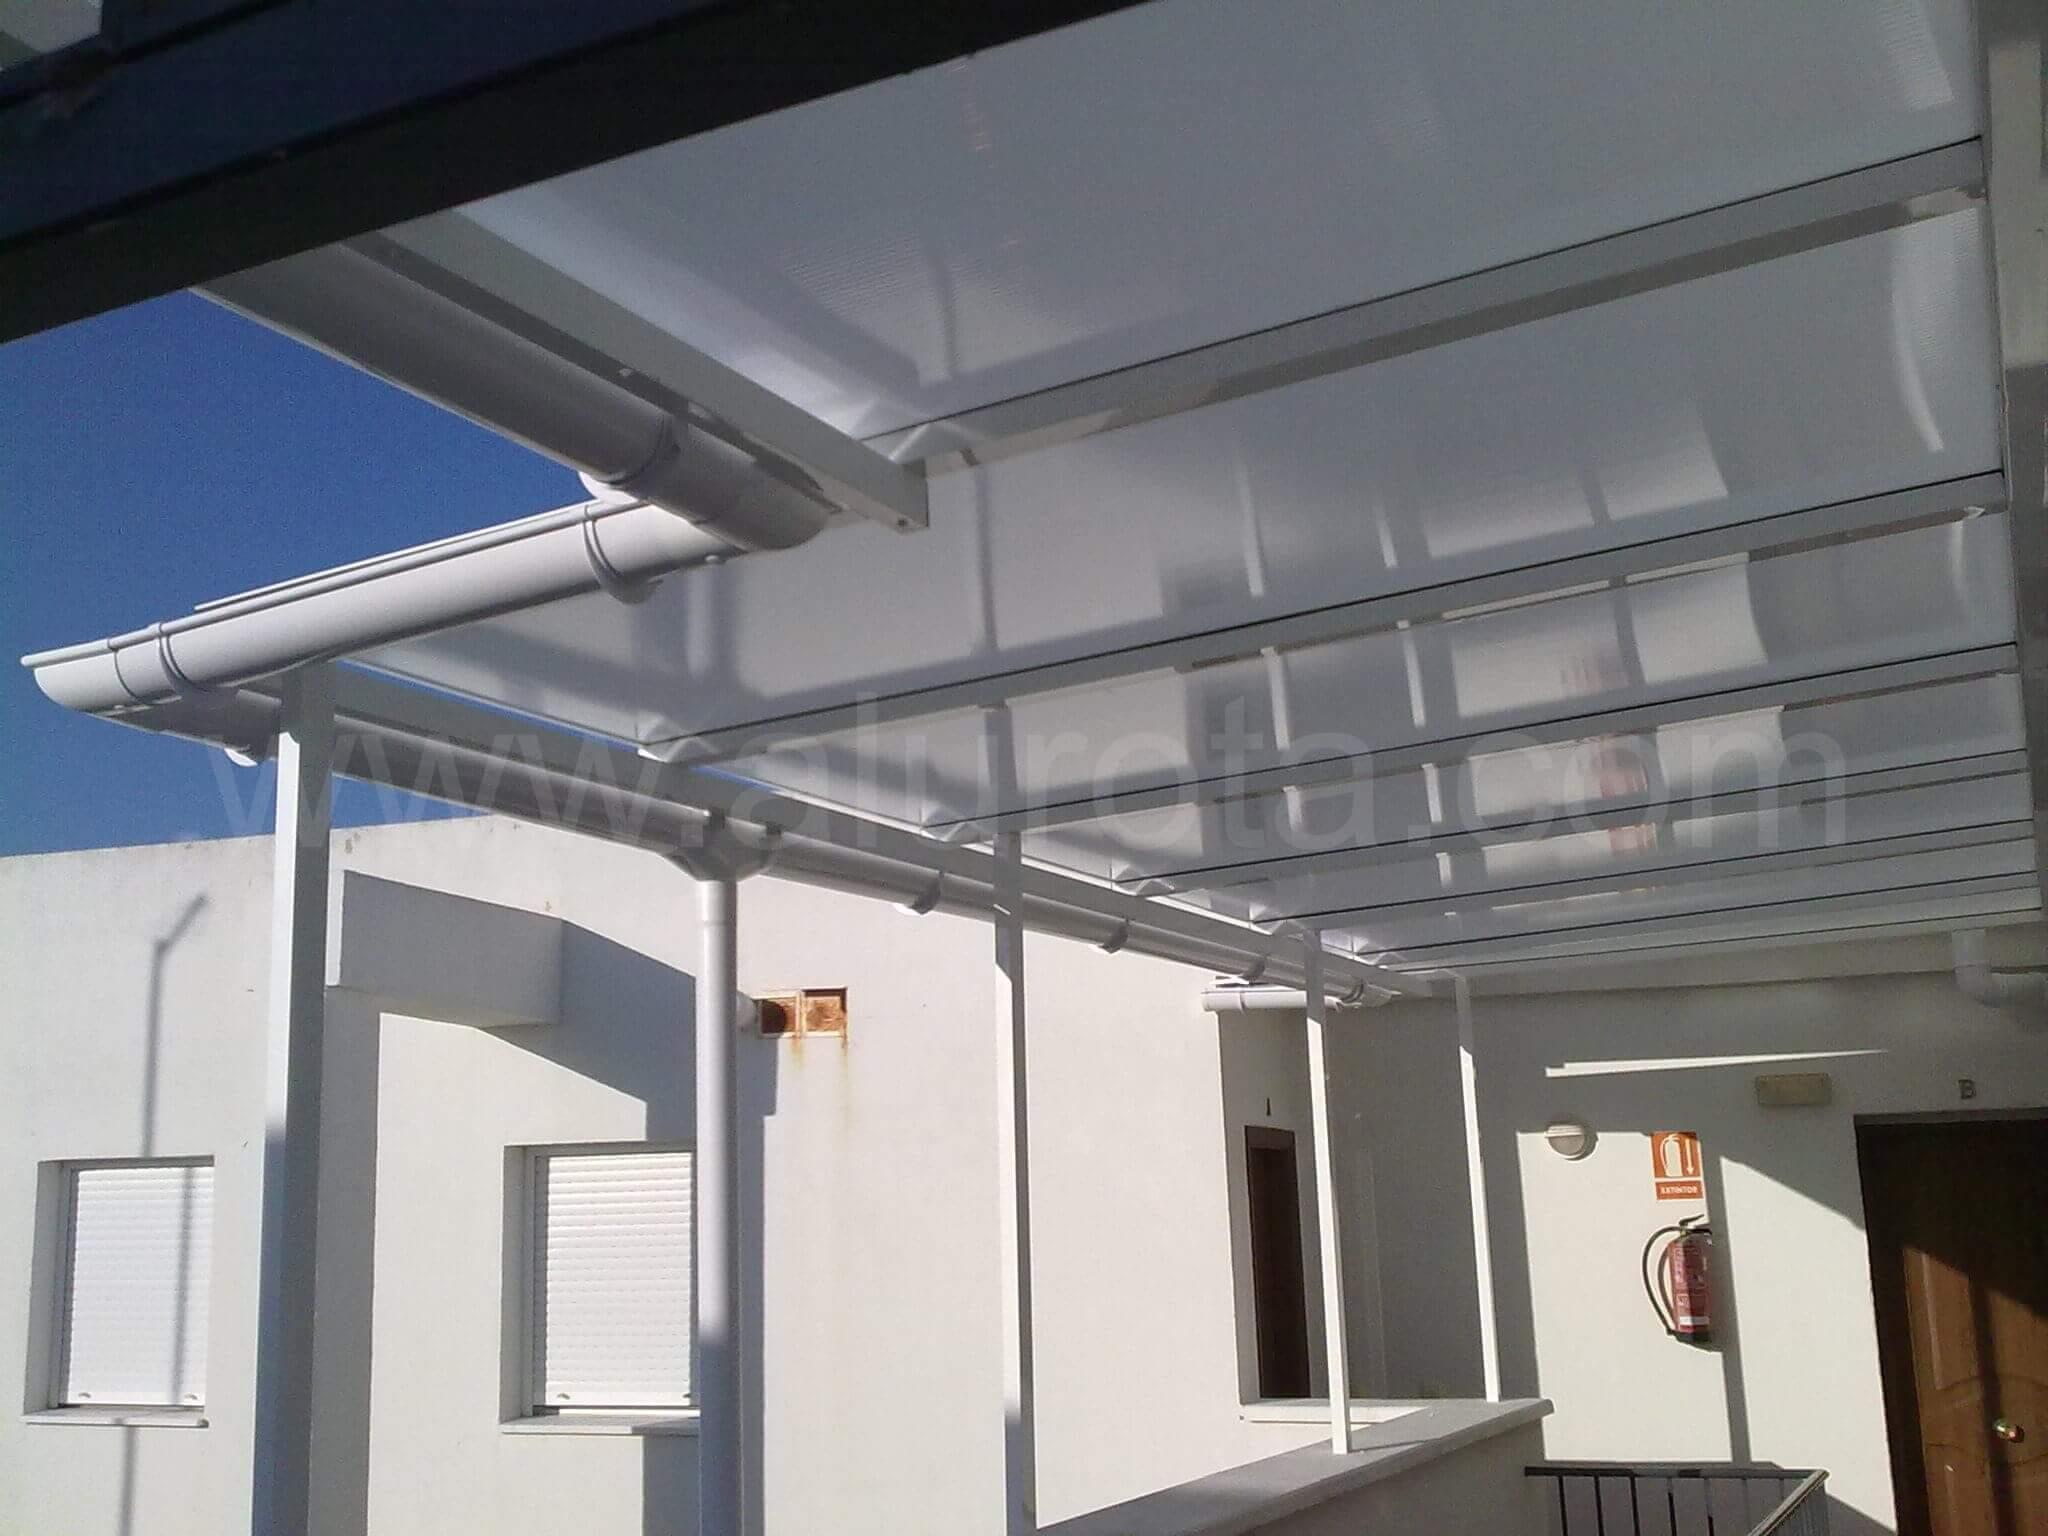 Instalaci n de techo en pasillo exterior alurota for Techos de policarbonato para balcones